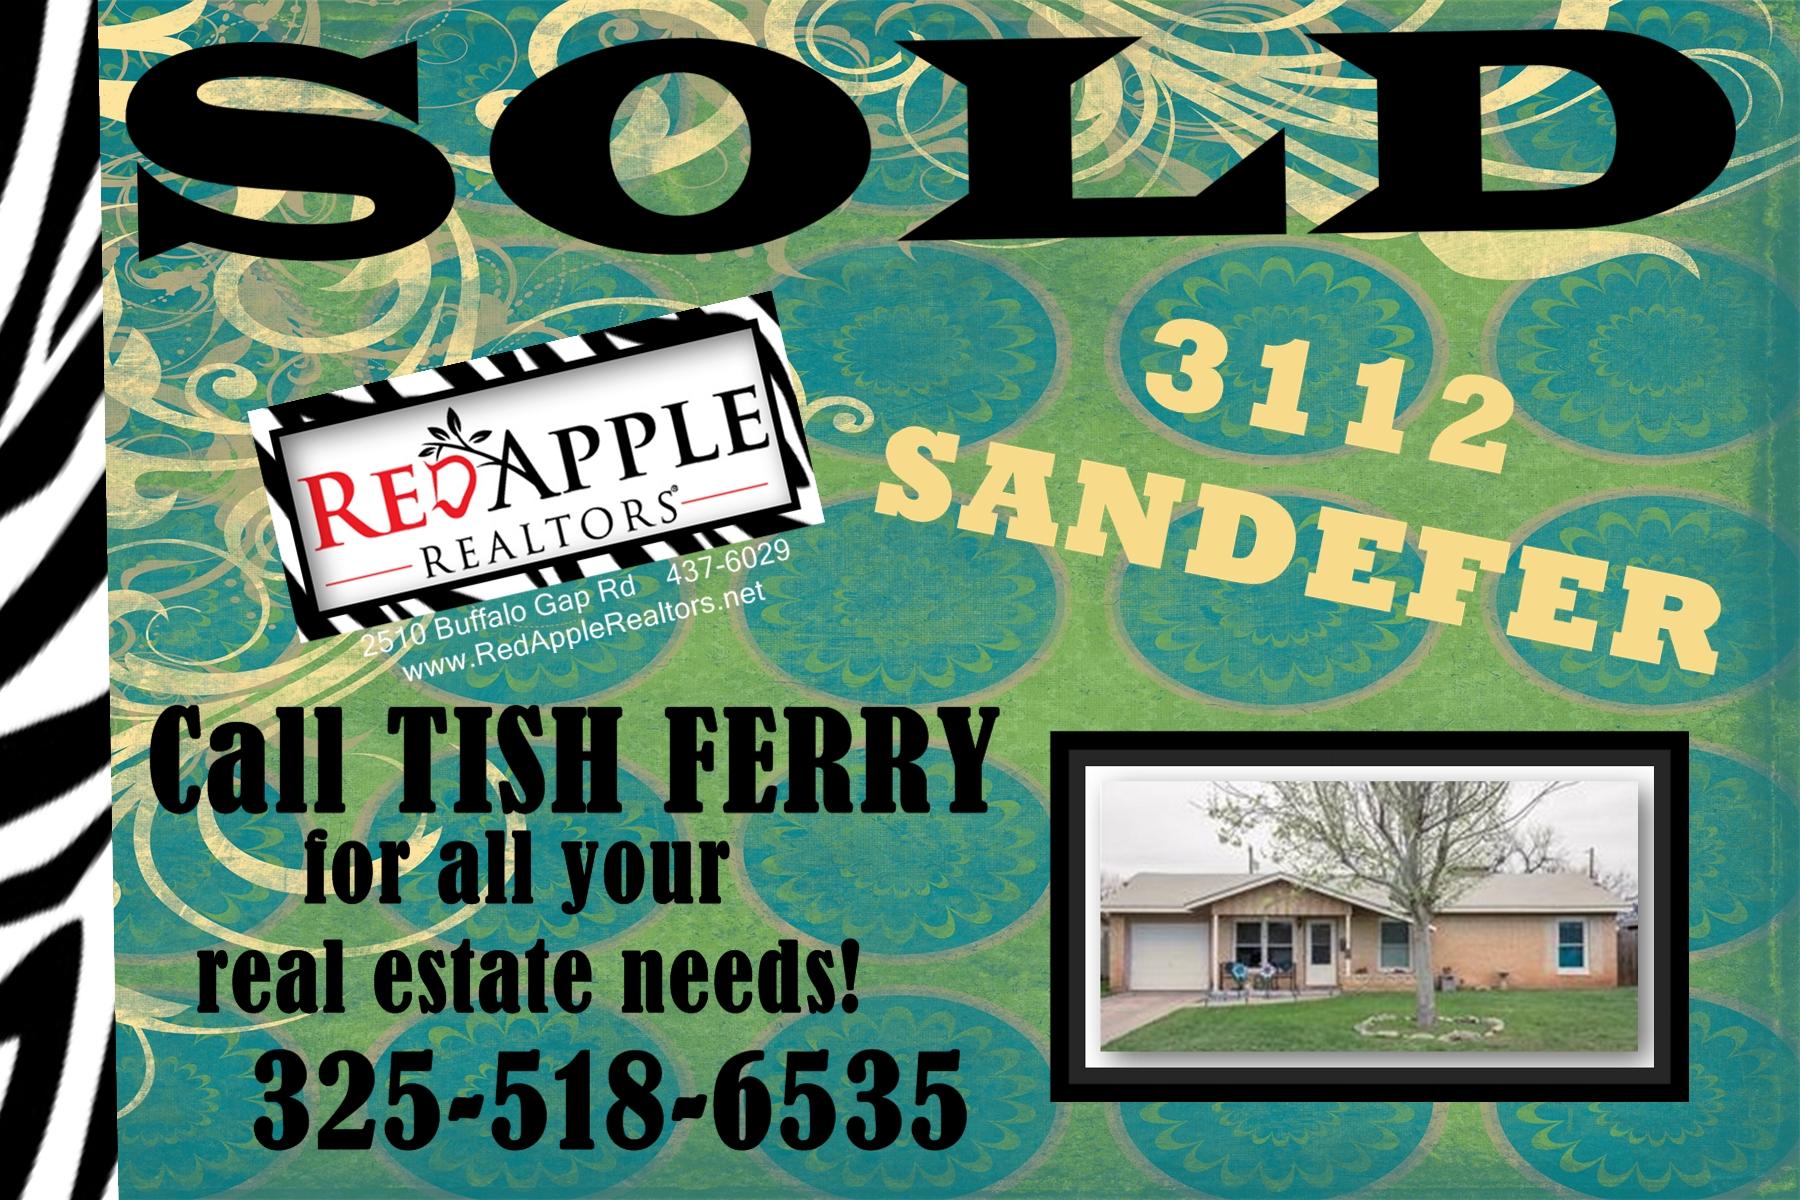 3112 Sandefer St SOLD card.jpg